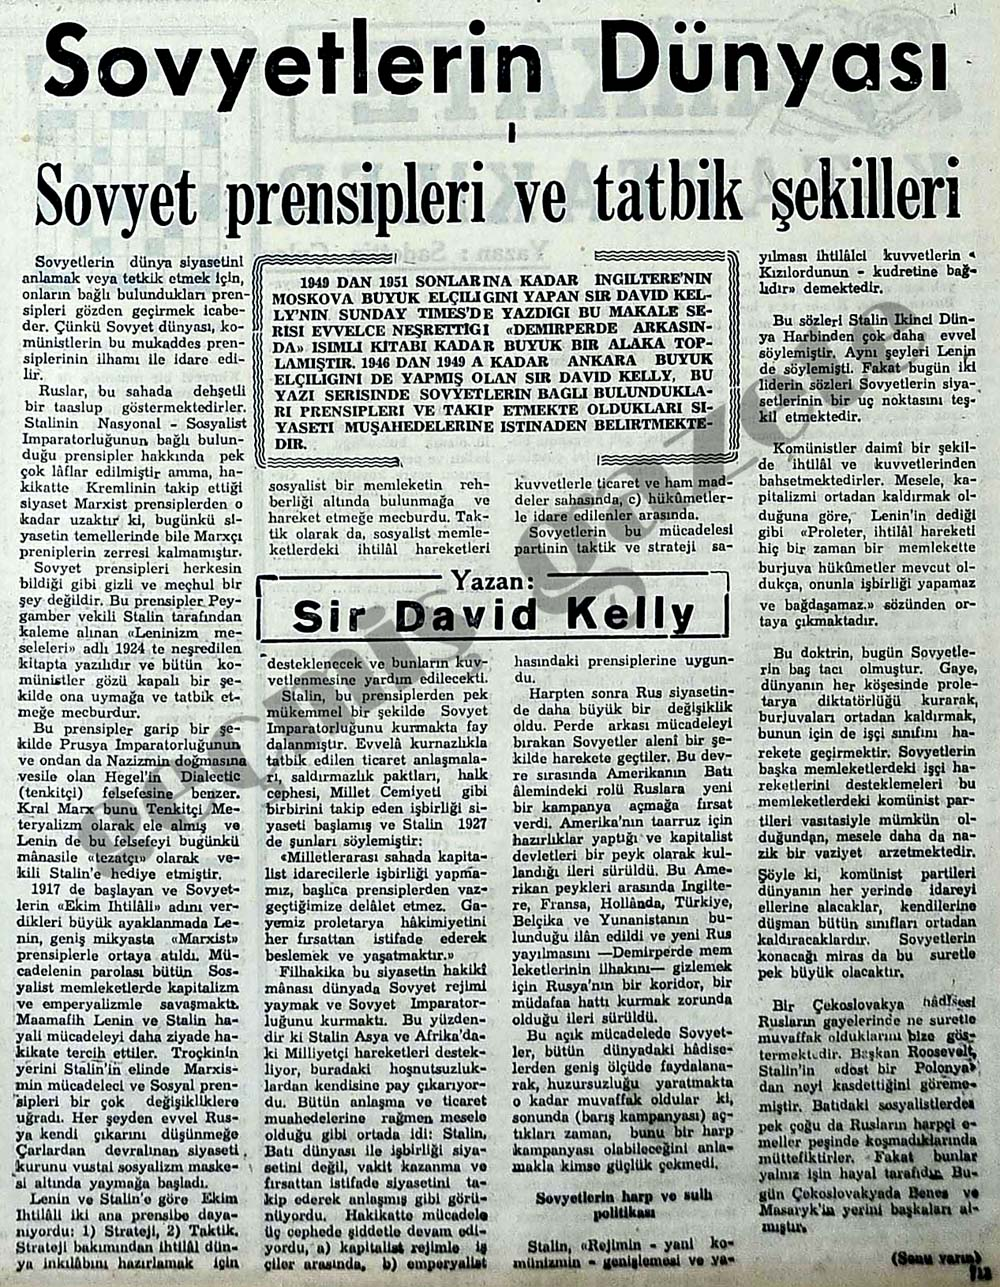 Sovyet prensipleri ve tatbik şekilleri